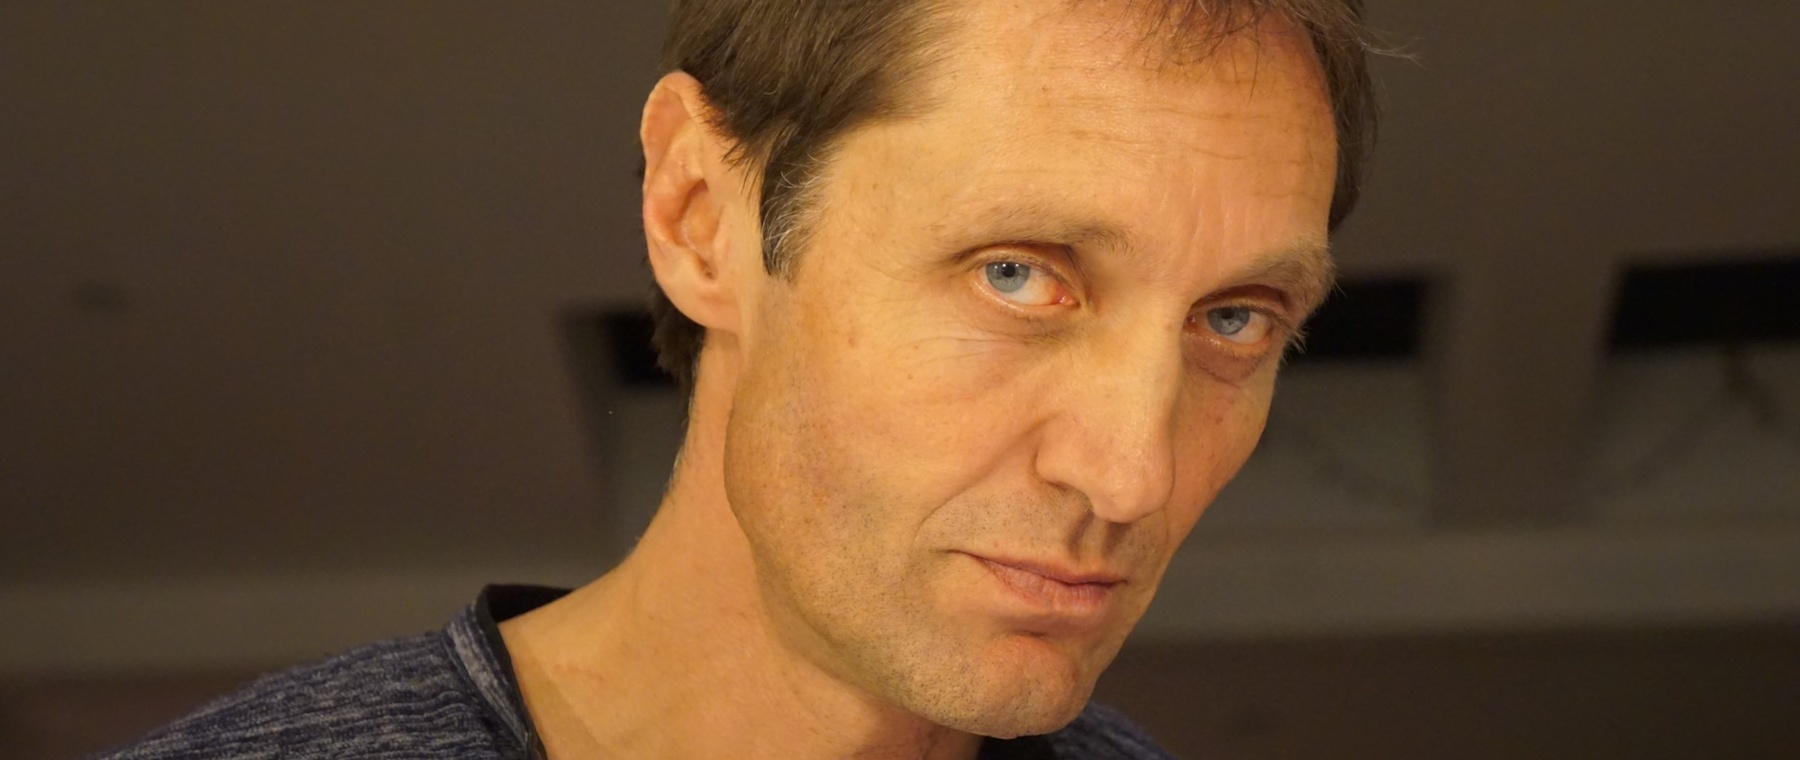 Philippe Crozier @Les films pour demain